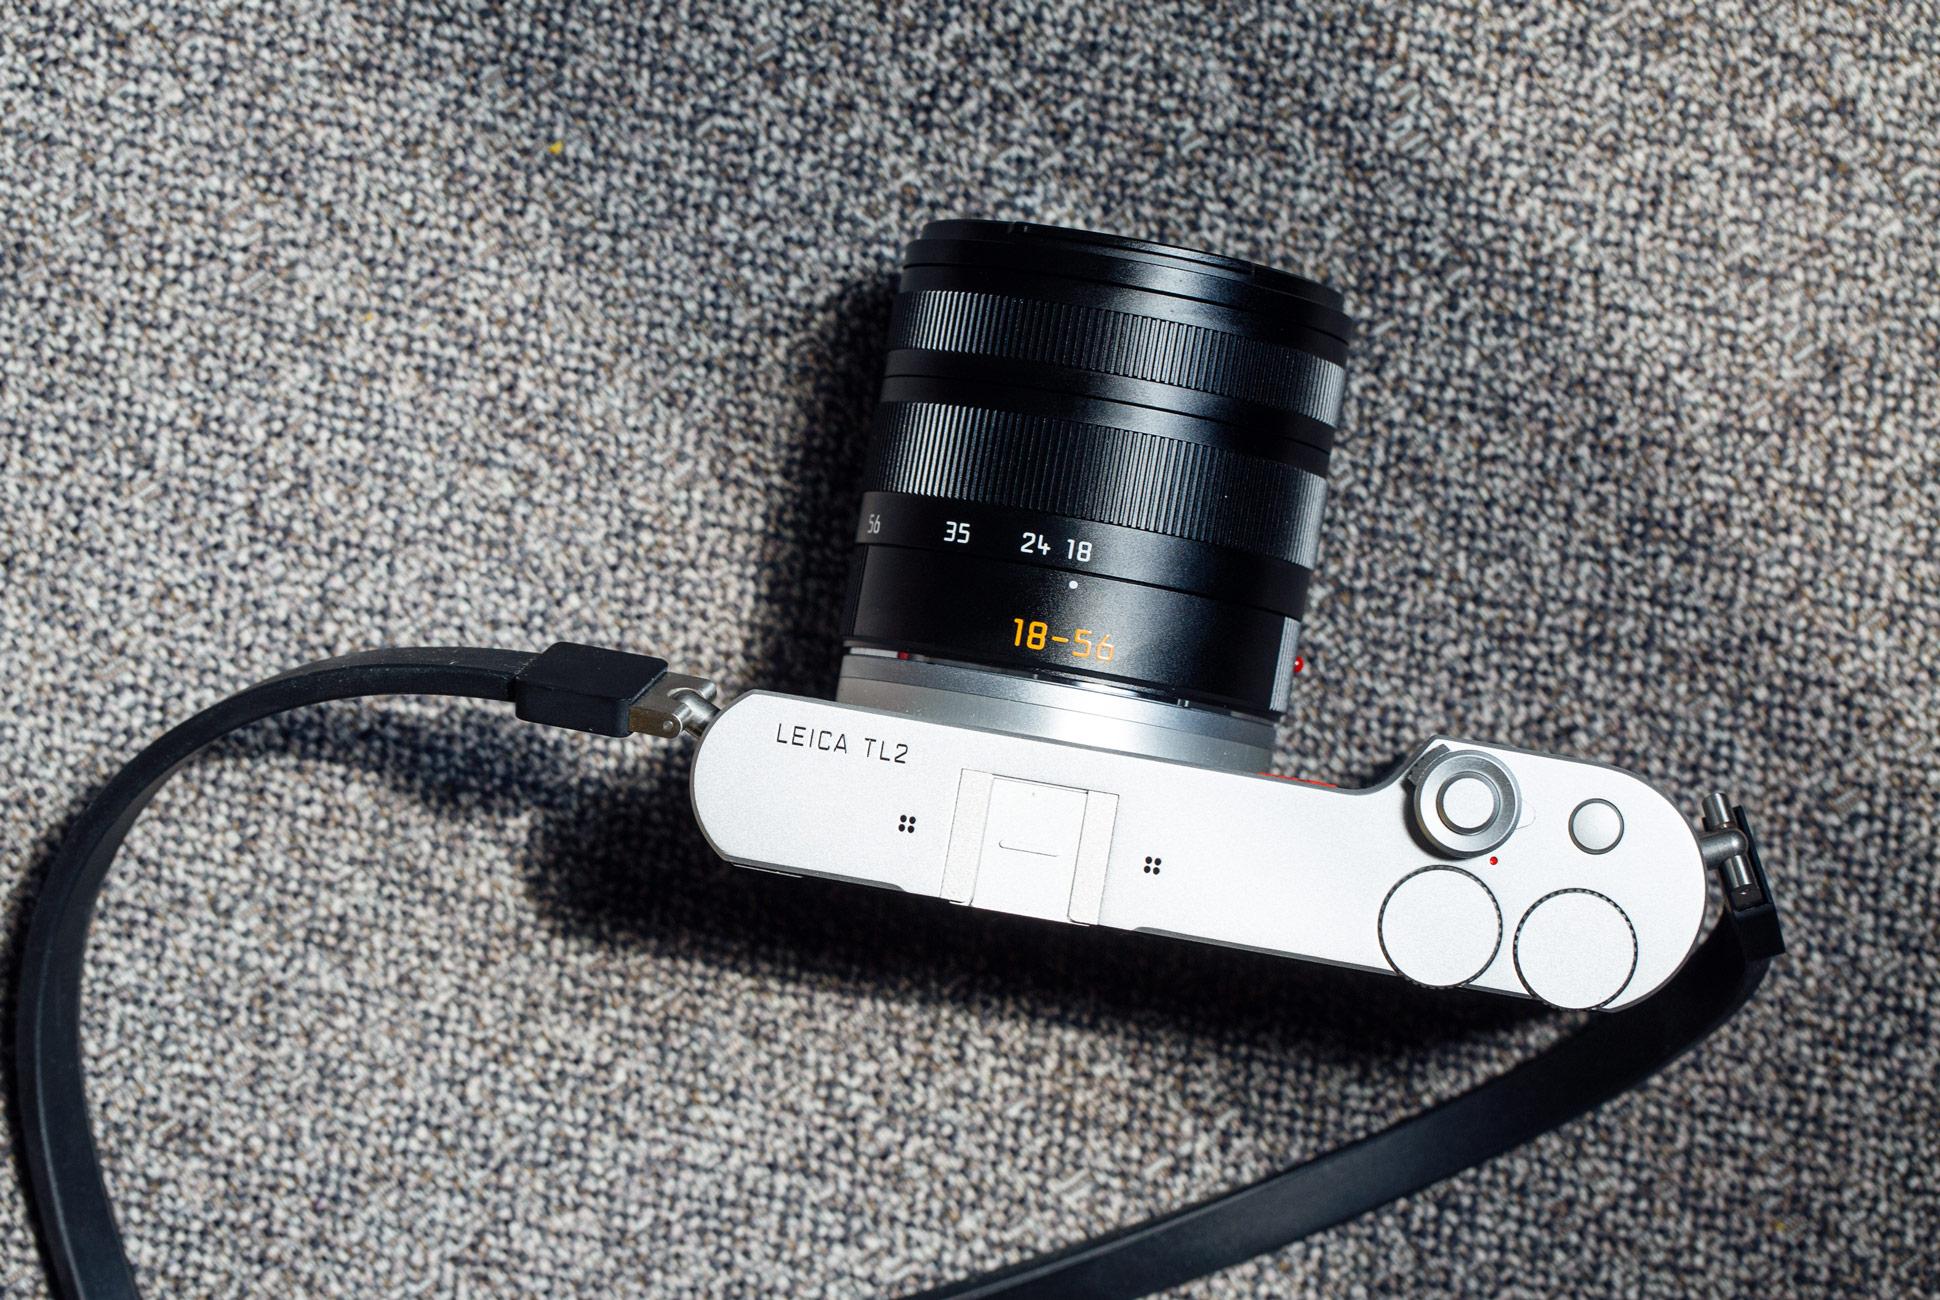 Leica-TL2-Gear-Patrol-Slide-3